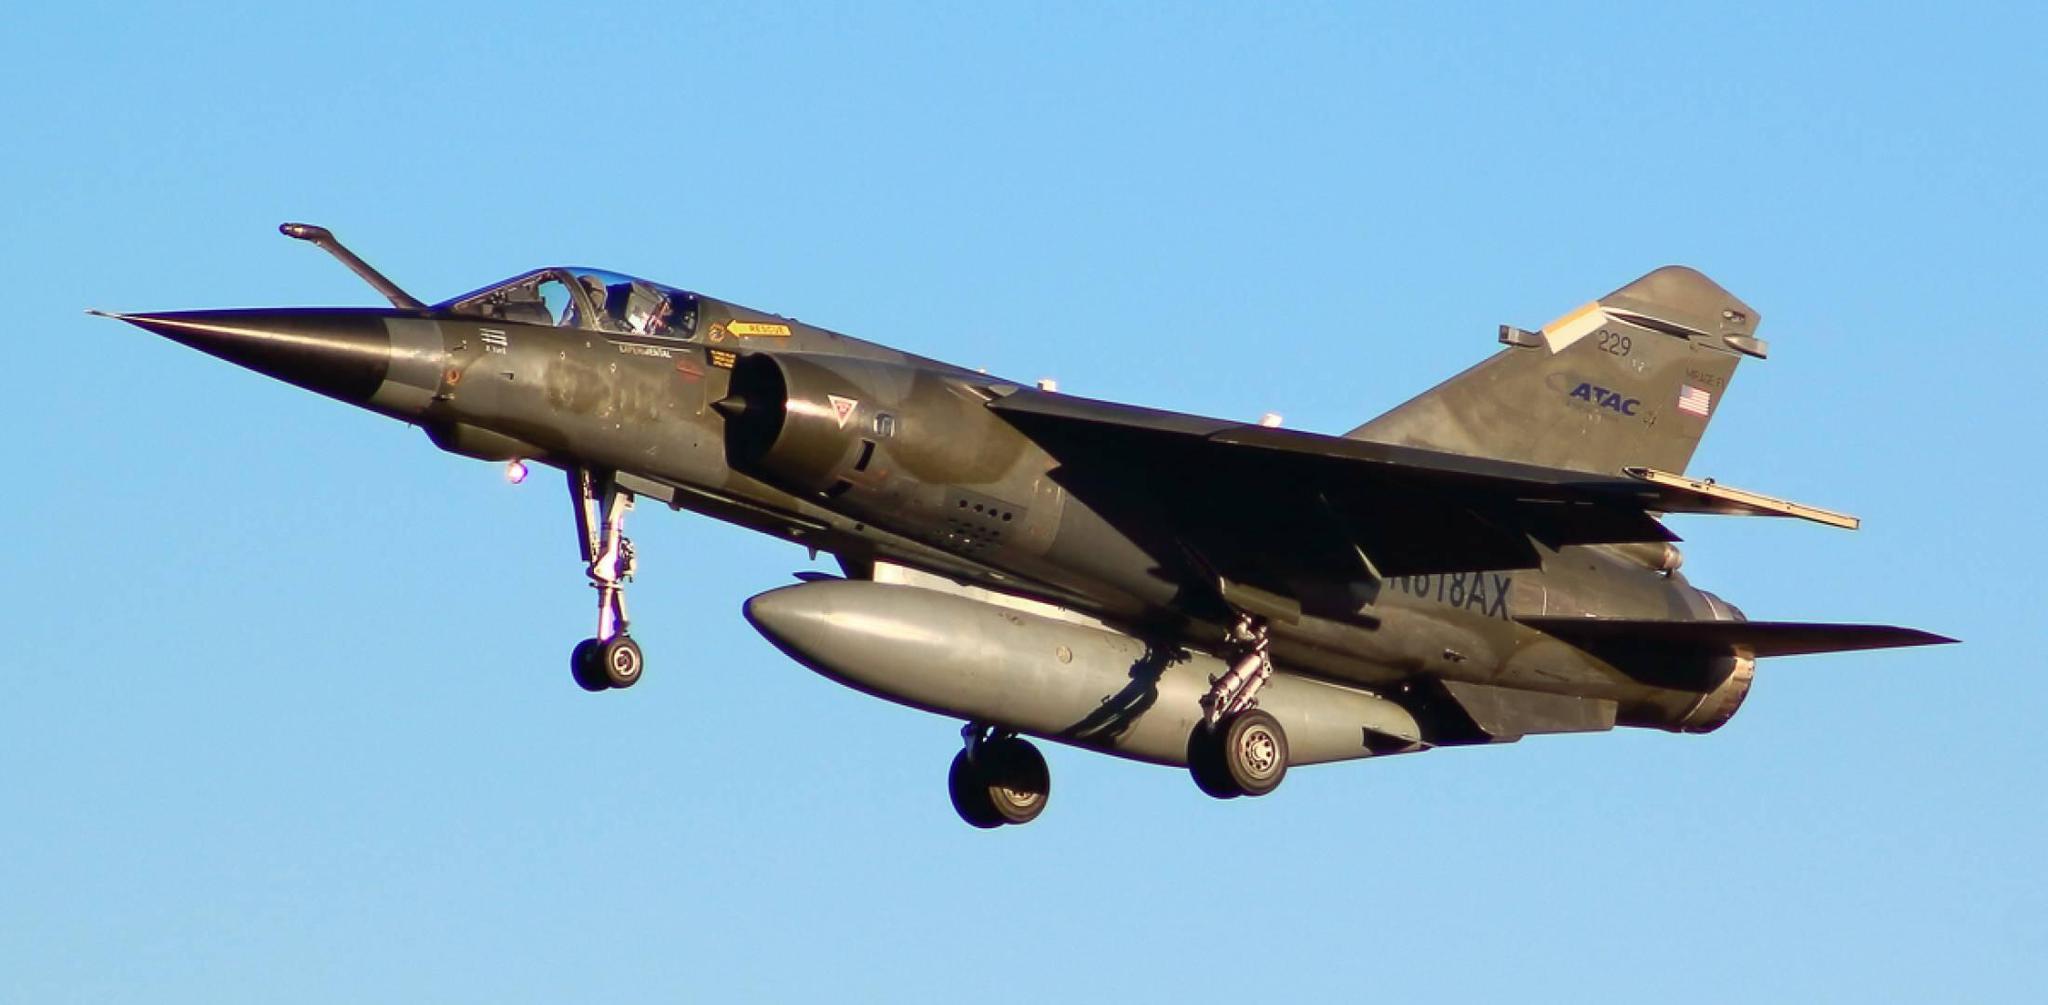 一架法国制造幻影F1战斗机在美军基地坠毁 两名飞行员生还